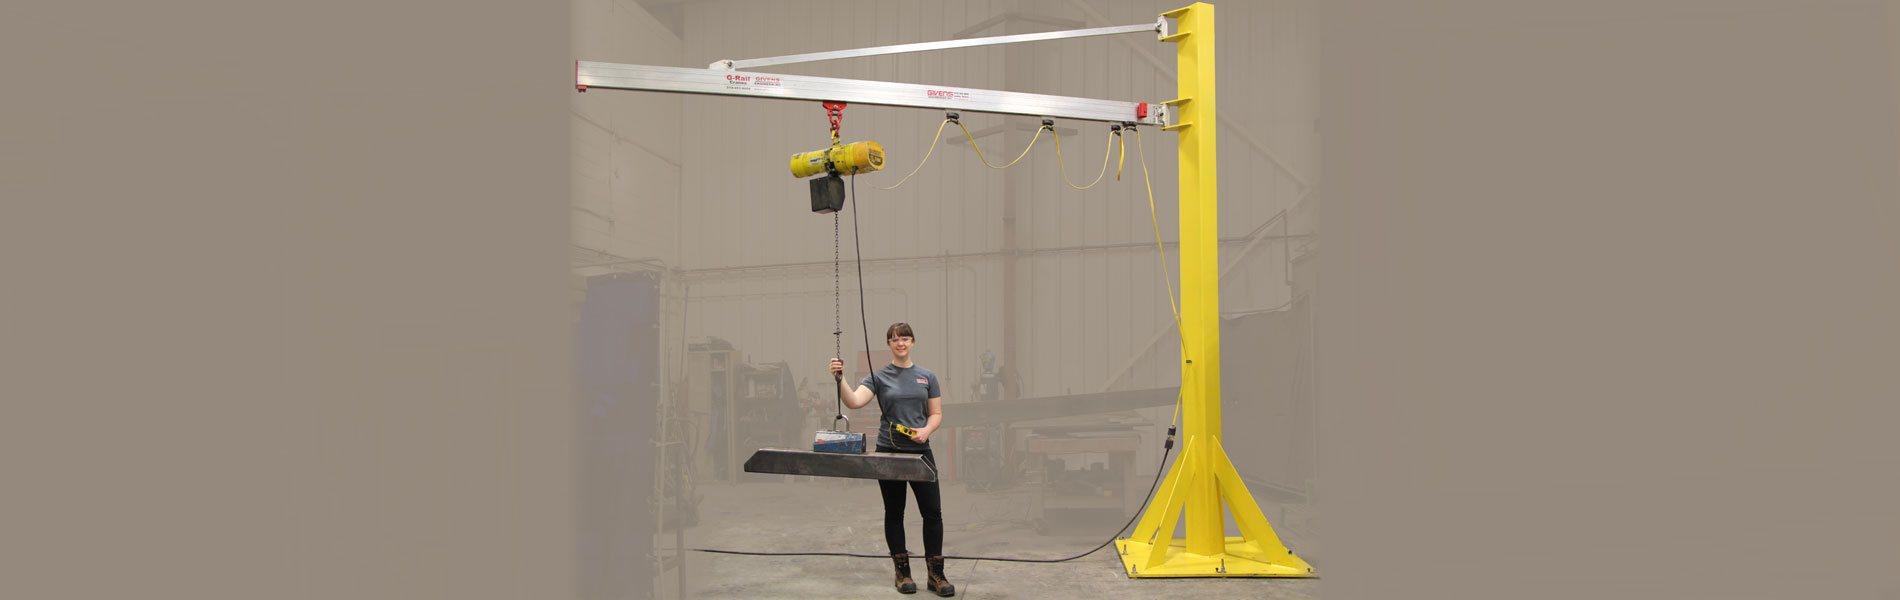 G-Rail Jib Cranes